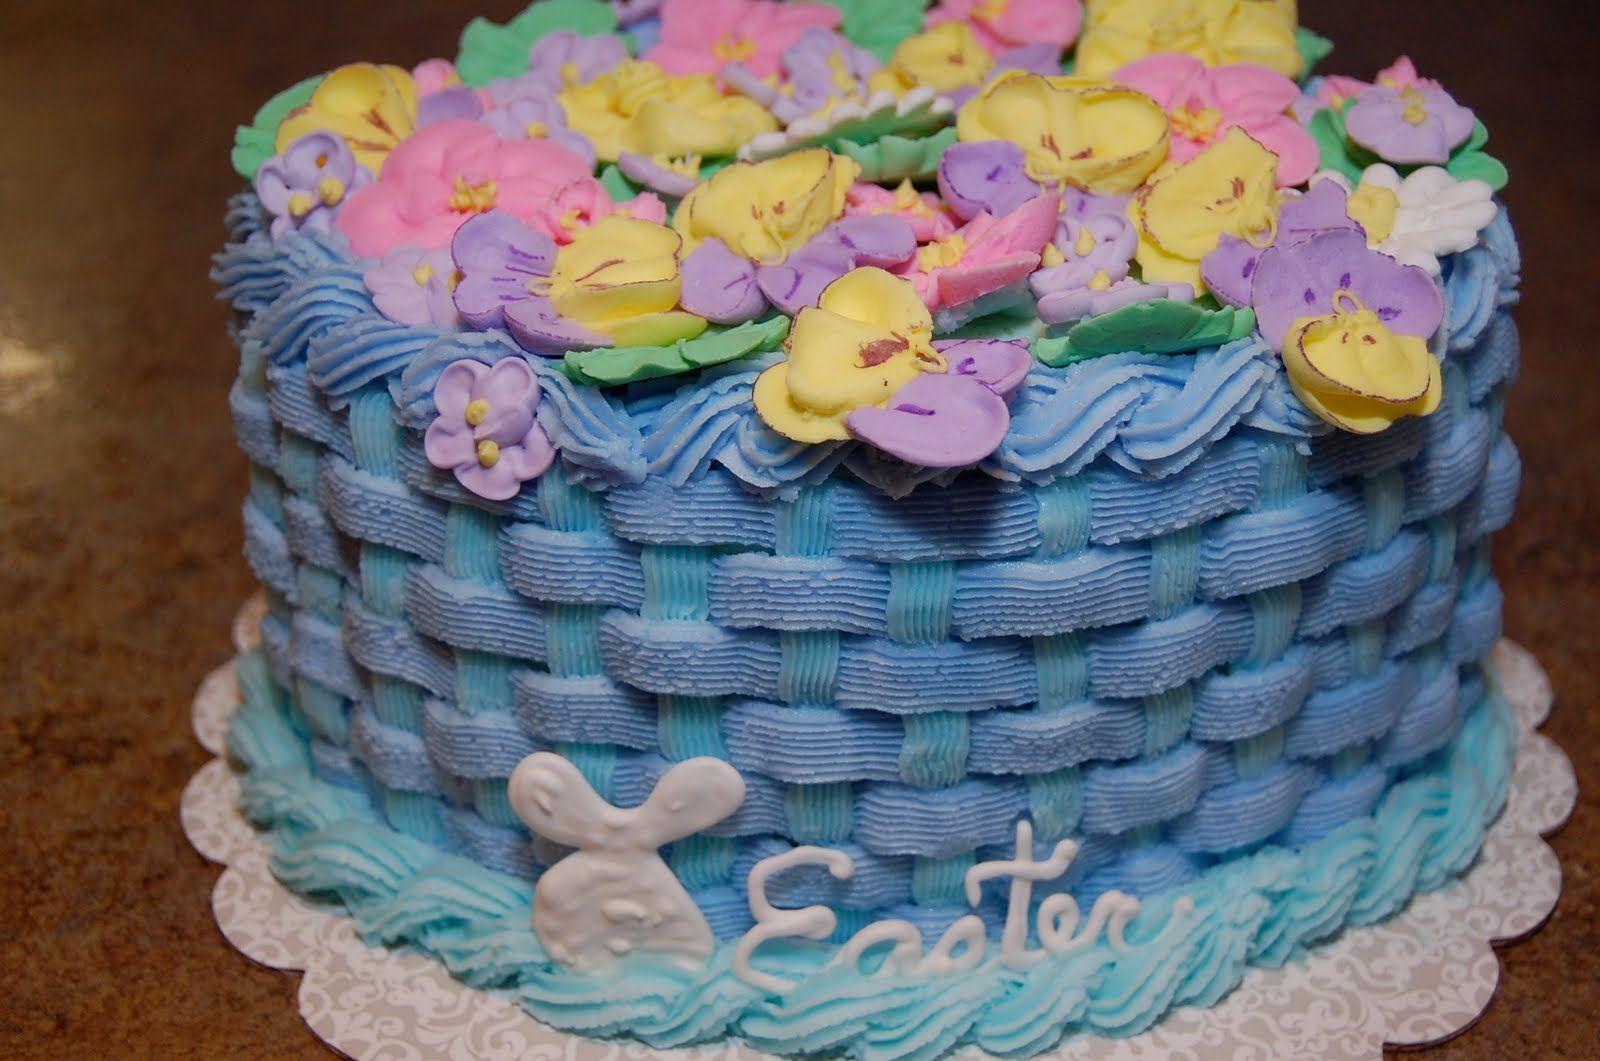 Wilton Cake Decorating: Course 2   Cake decorating, Cake ...